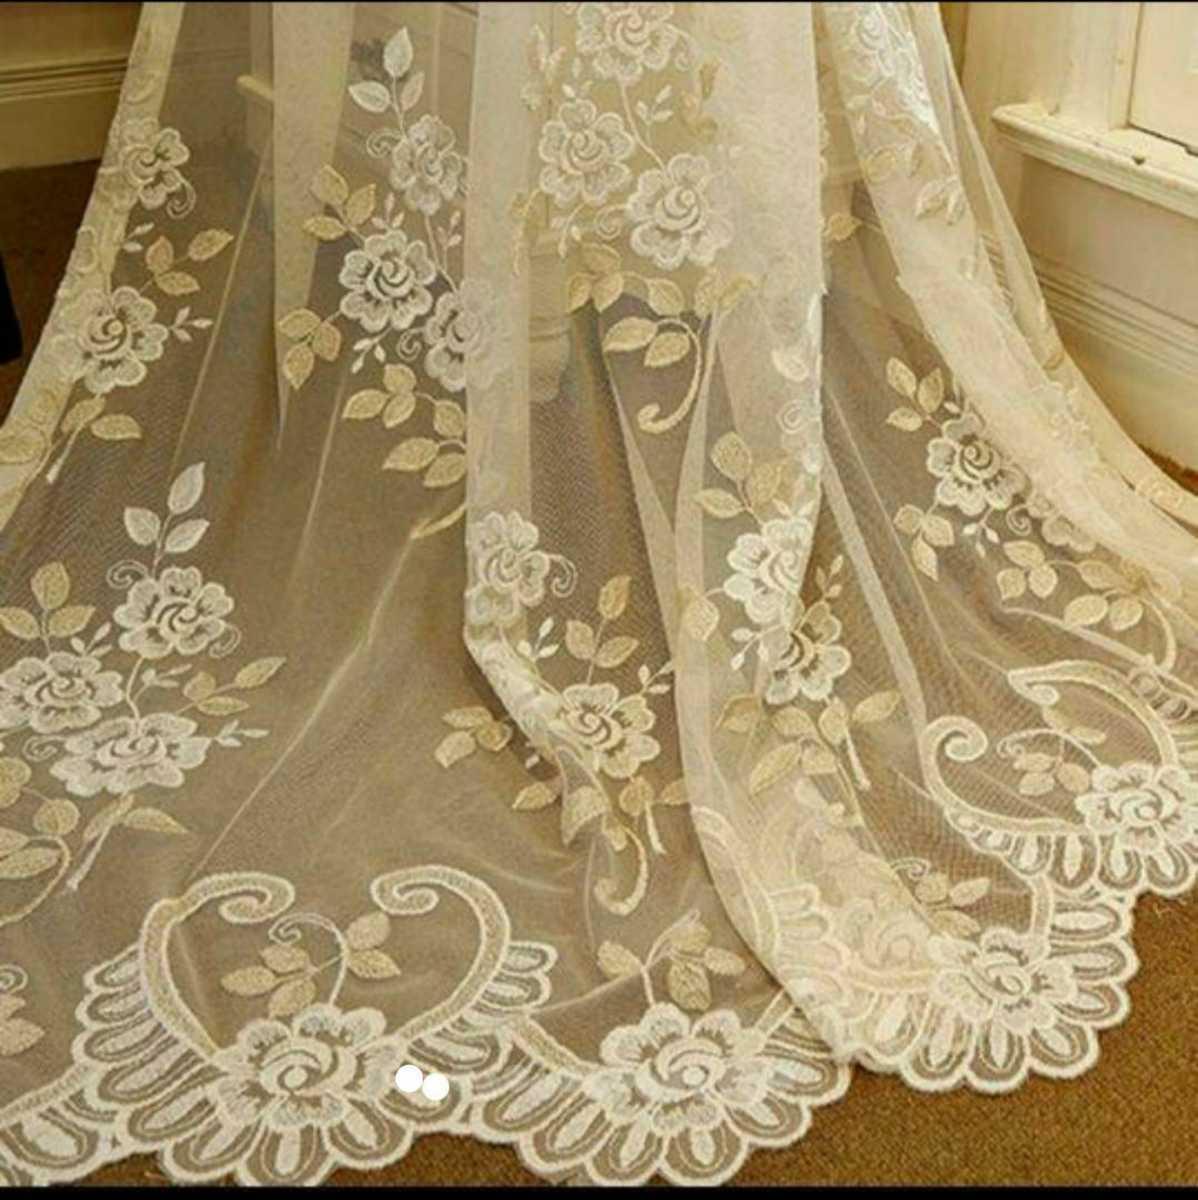 ゴールドとパールの花刺繍レースカーテン2枚組 よこ約100㎝xたて約200㎝ 格安セール! フランス エレガント